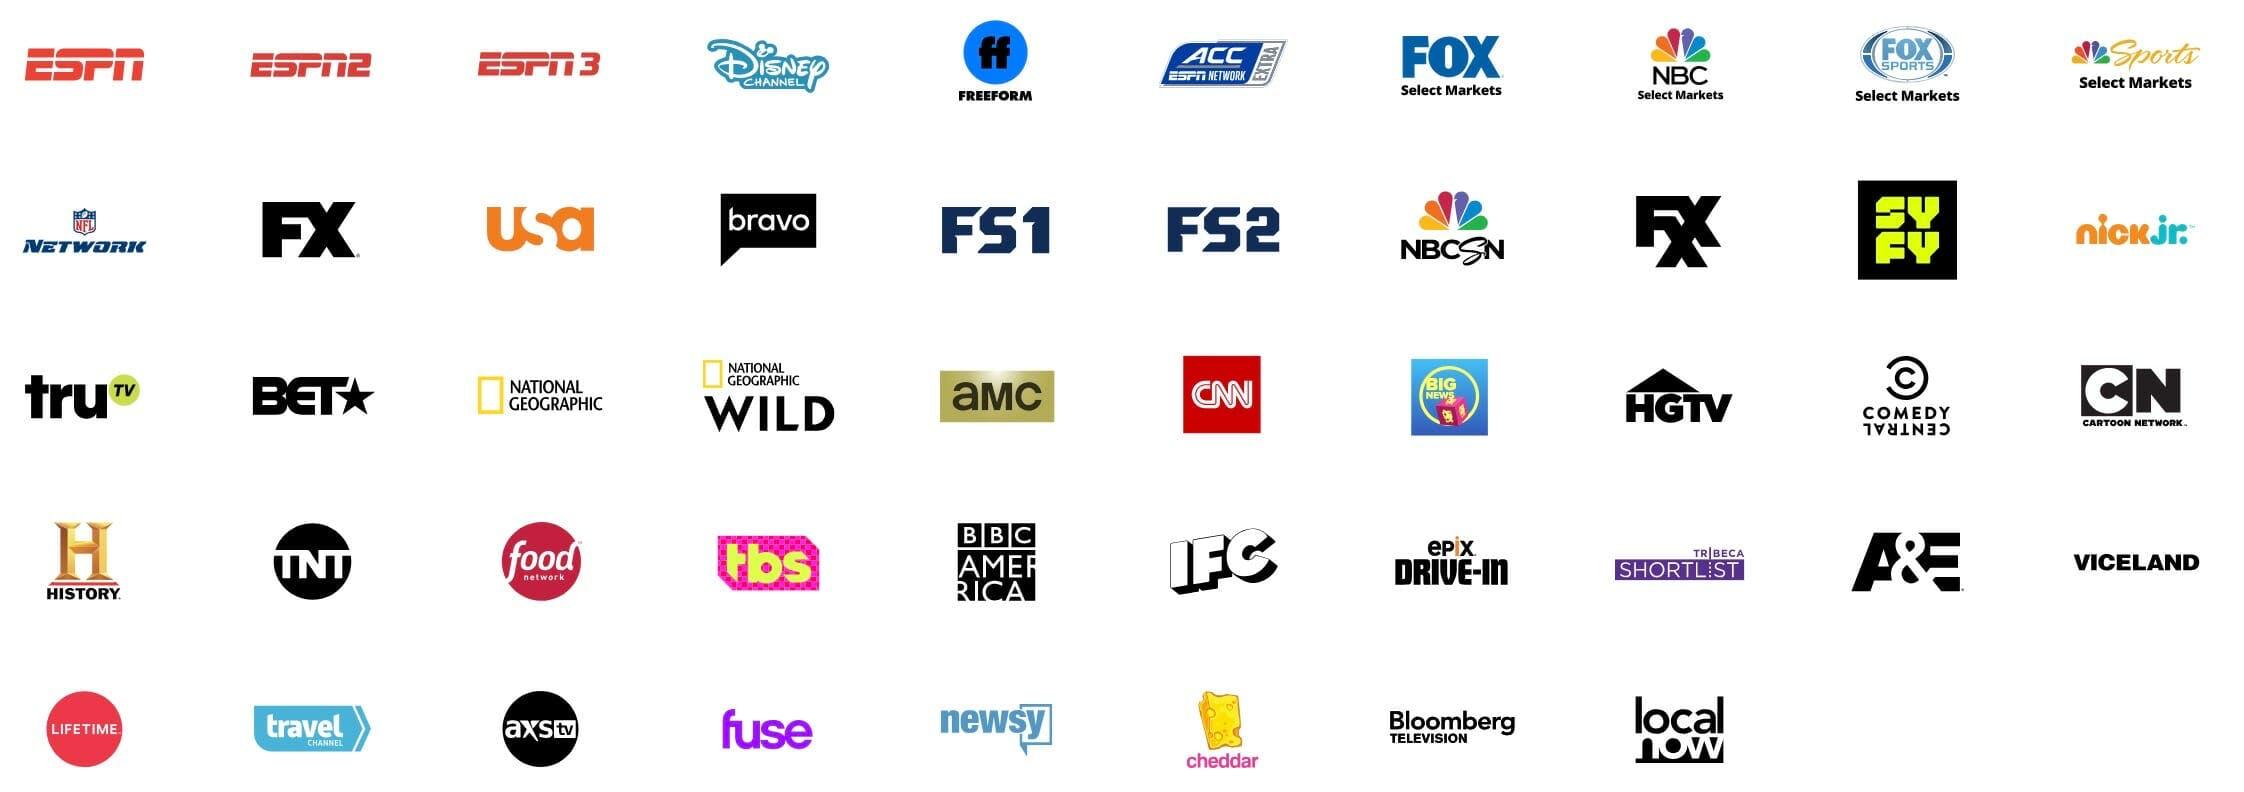 golden globes live stream sling tv channels sling blue sling orange channels